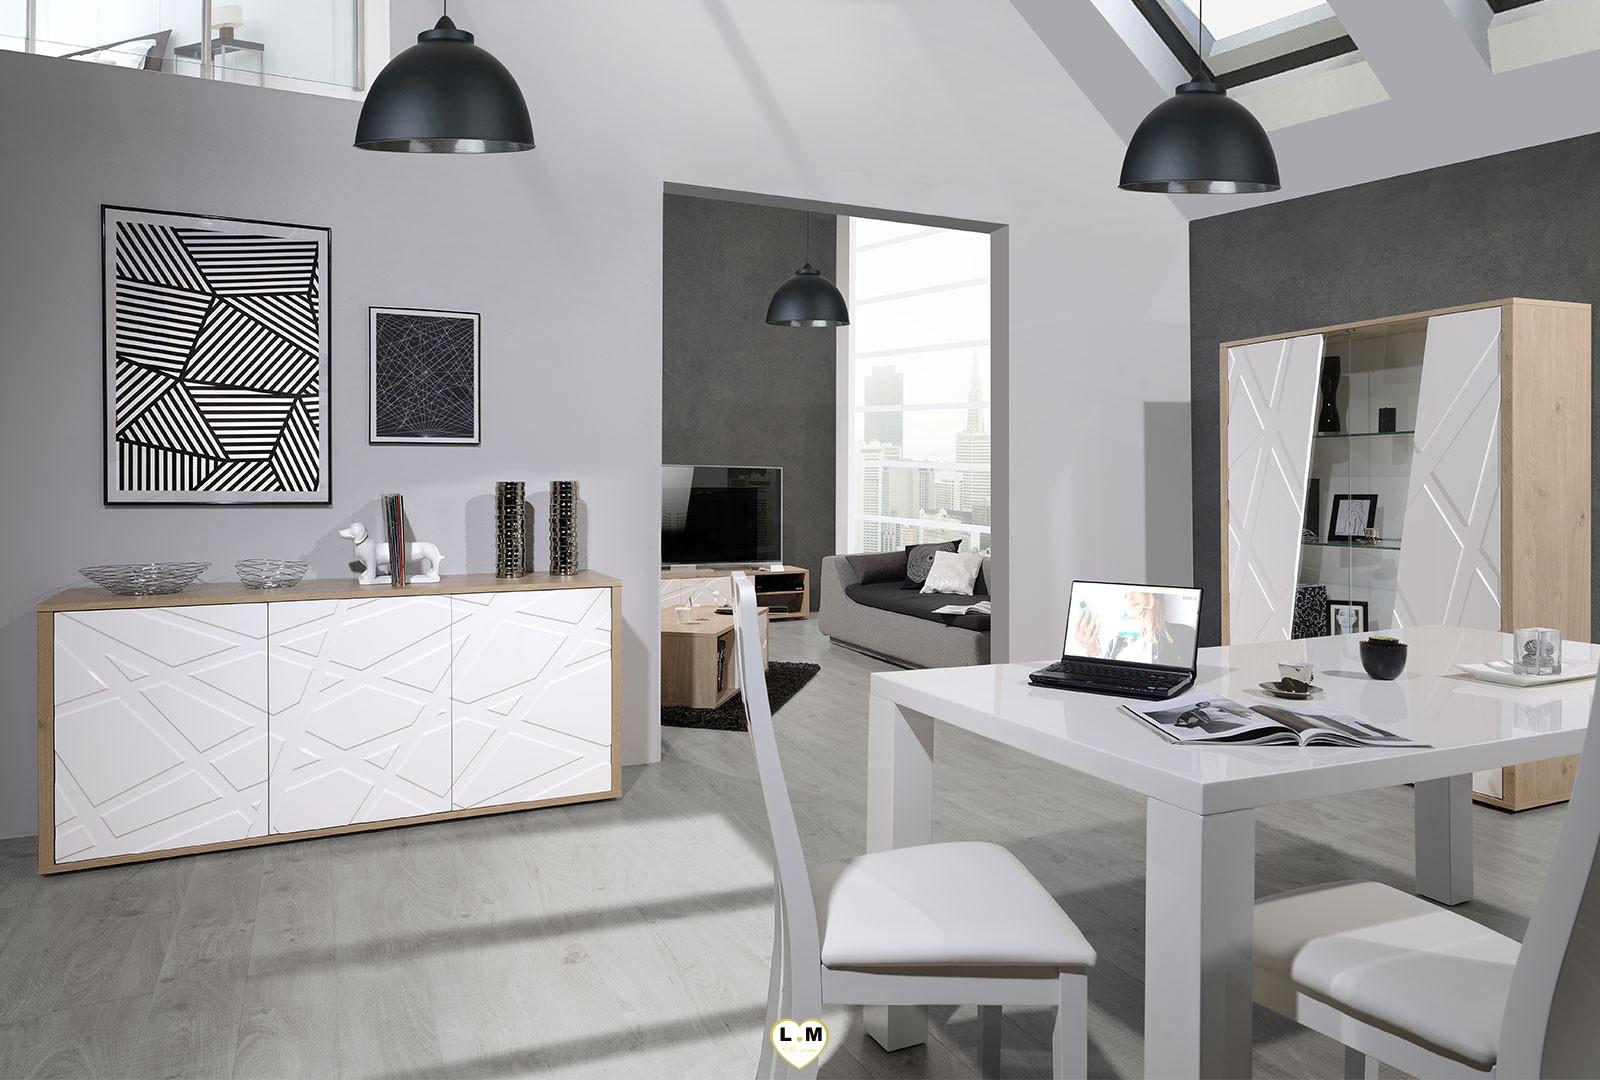 la rochelle decor chene et laque blanc ensemble sejour salle a manger design  votre site de